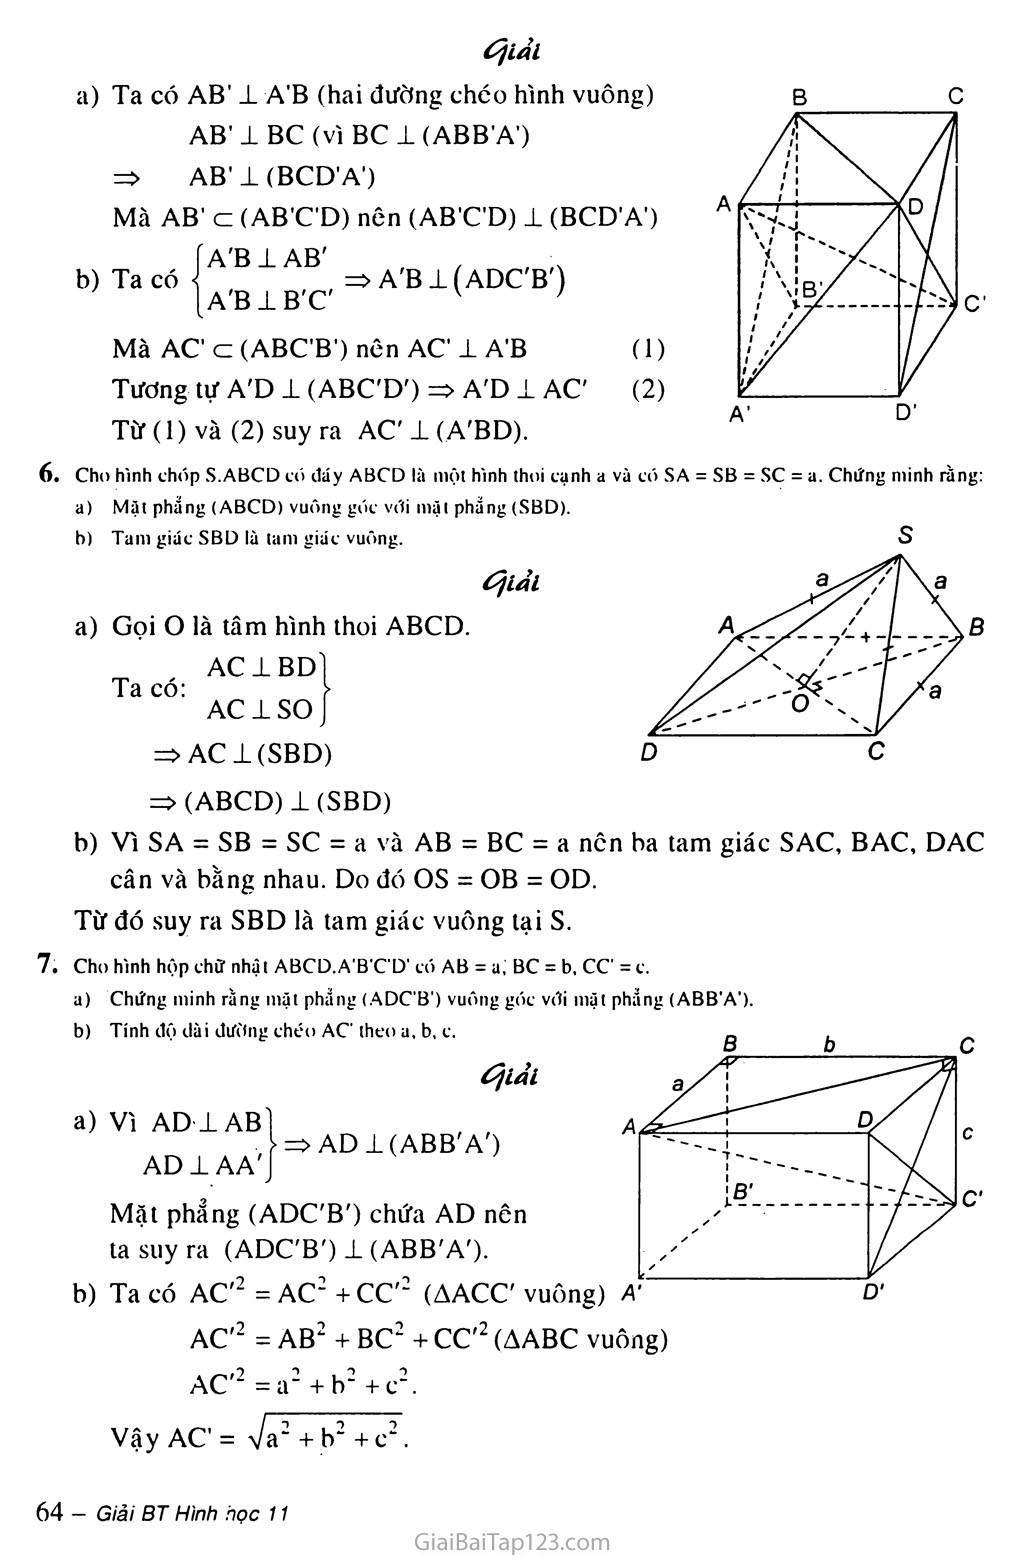 Bài 4. Hai mặt phẳng vuông góc trang 5